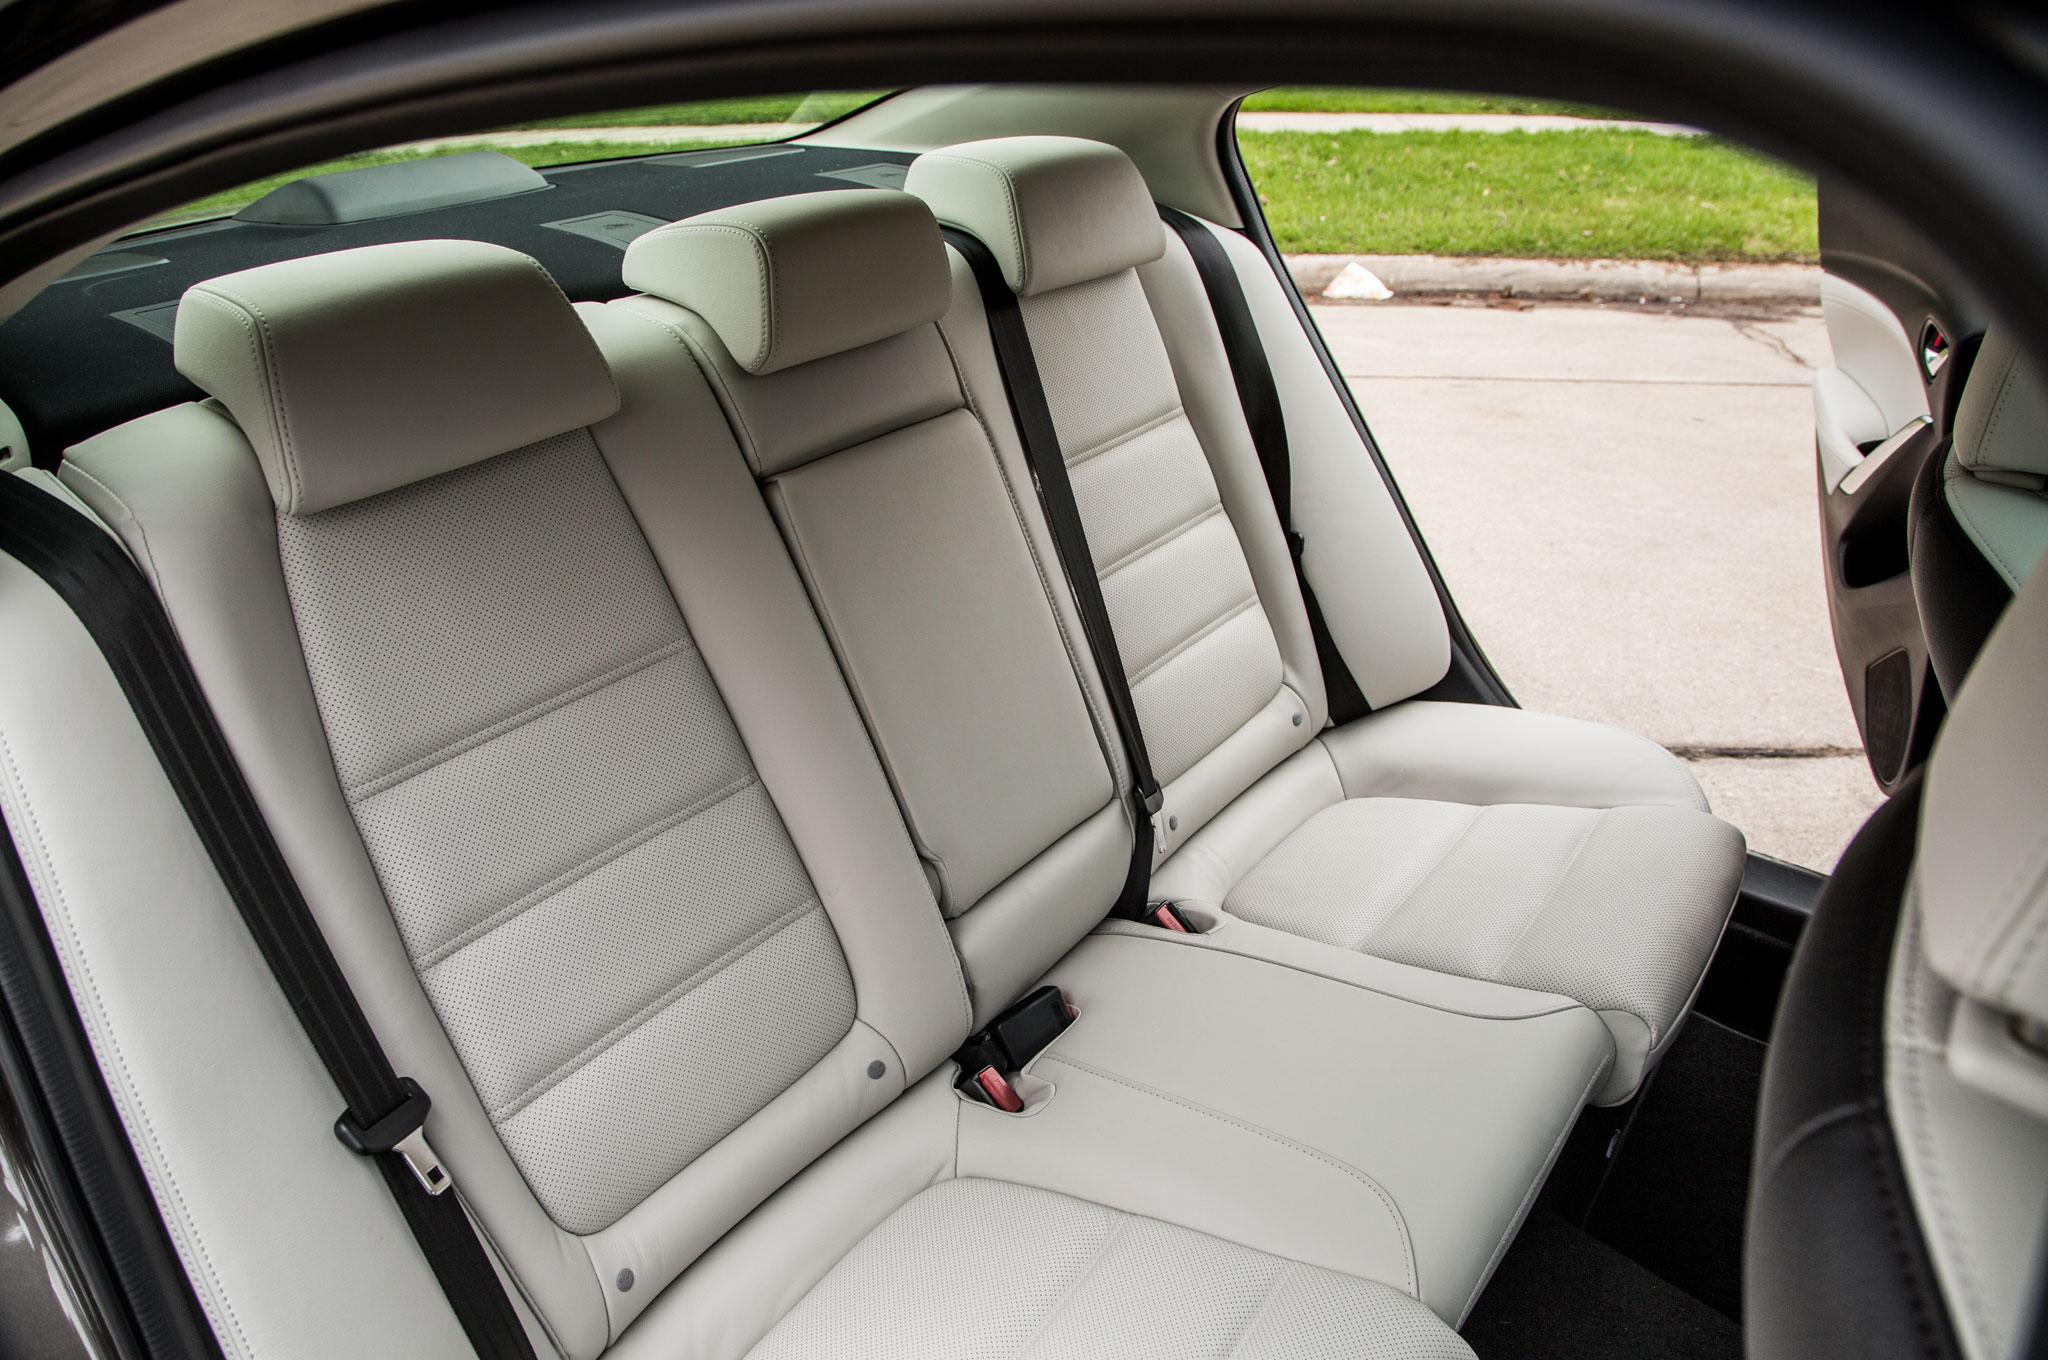 Midsize Madness 2015 Mazda6 Accord Sonata Camry Legacy Comparison 2005 Mazda Rx 8 Interior Show More